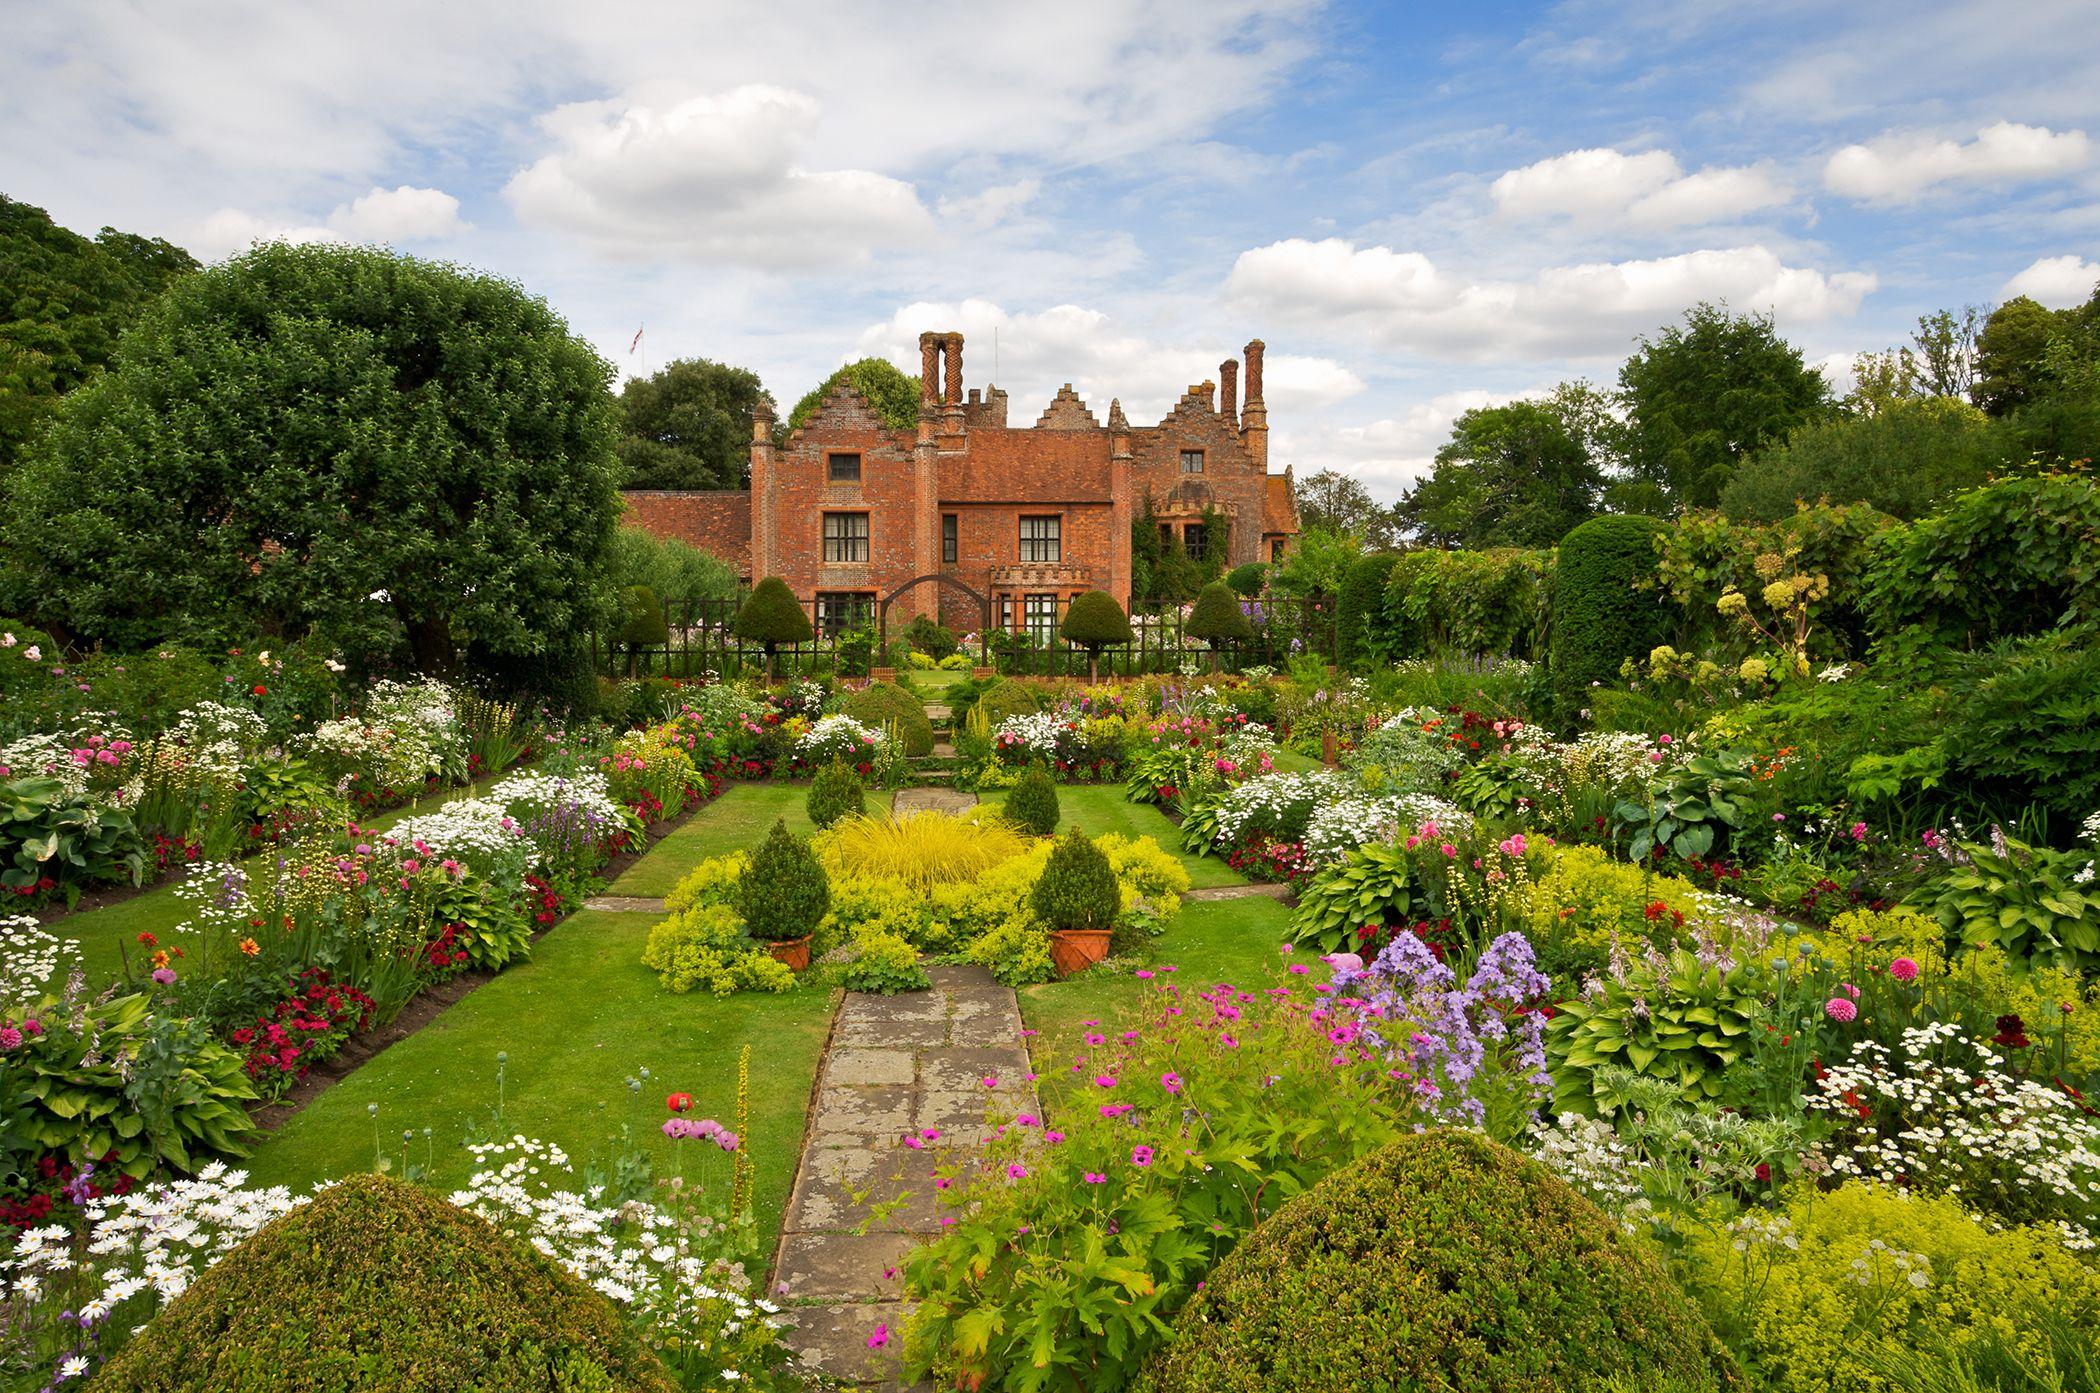 english garden design ideas & 10 English Garden Design Ideas - How to Make an English Garden Landscape